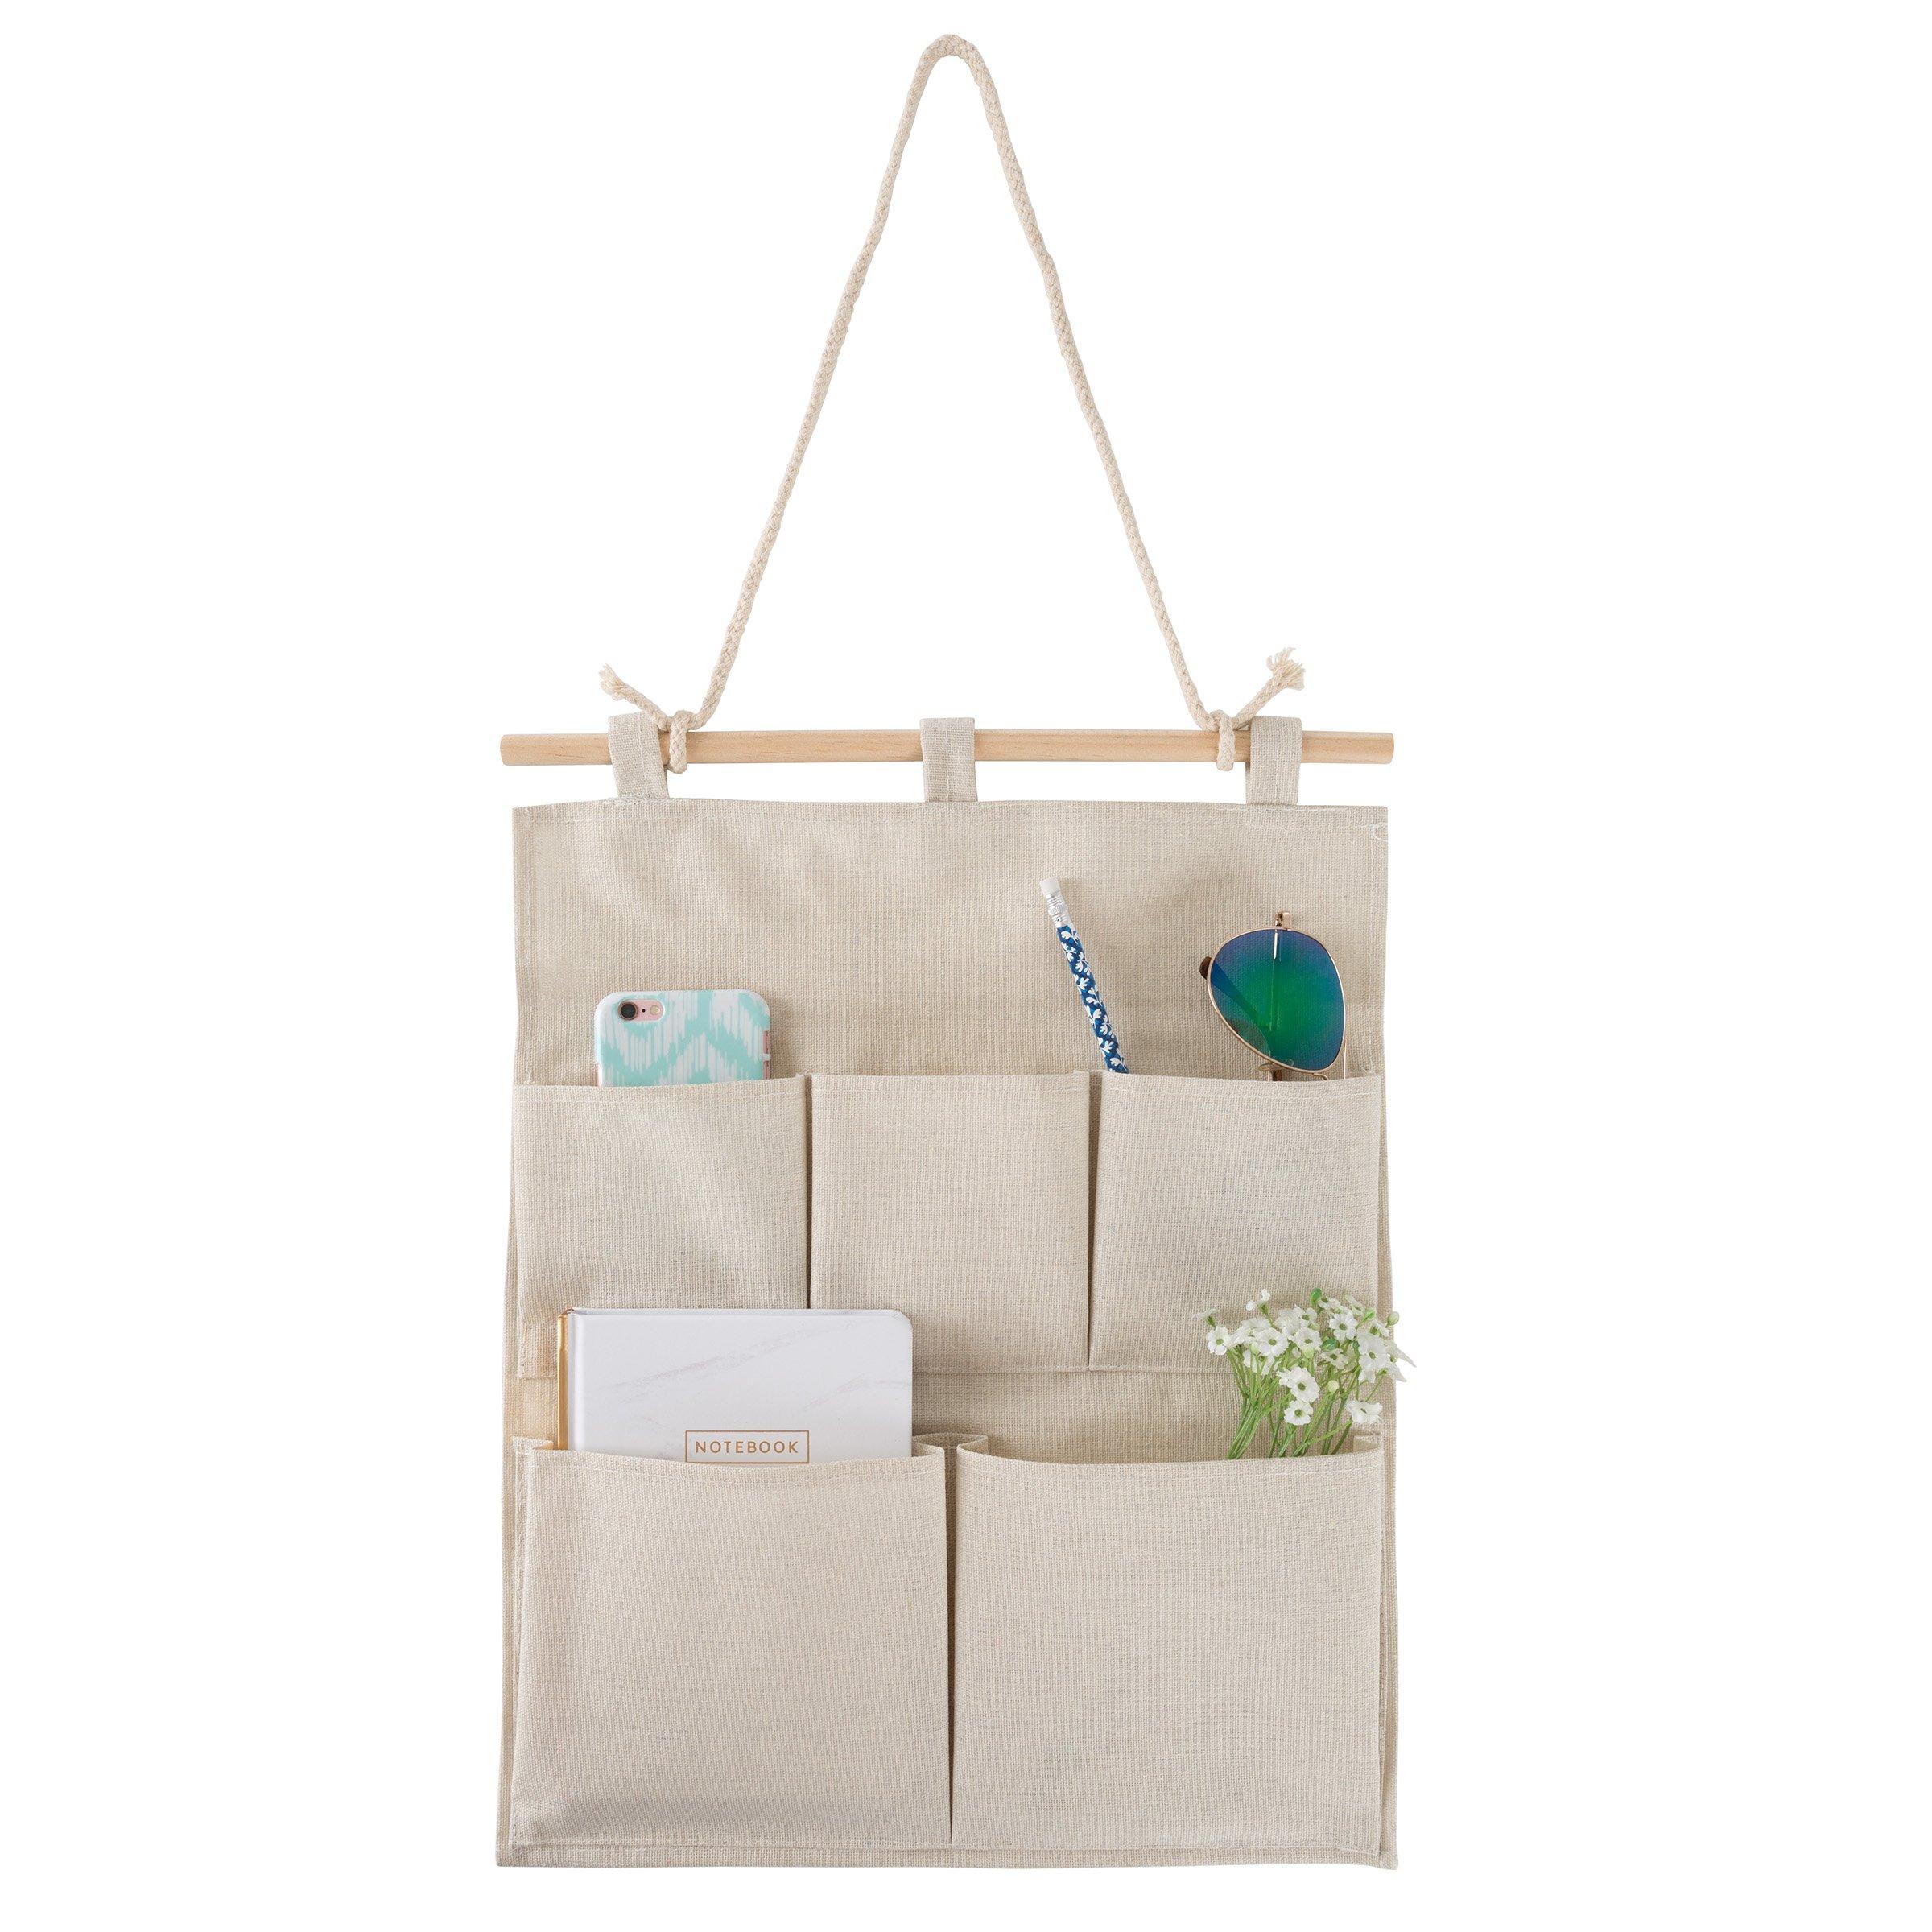 壁掛け用フィニッシャー - 宝石類、化粧品、鍵、トイレタリー、郵便用の5つのポケット織物、リストなど